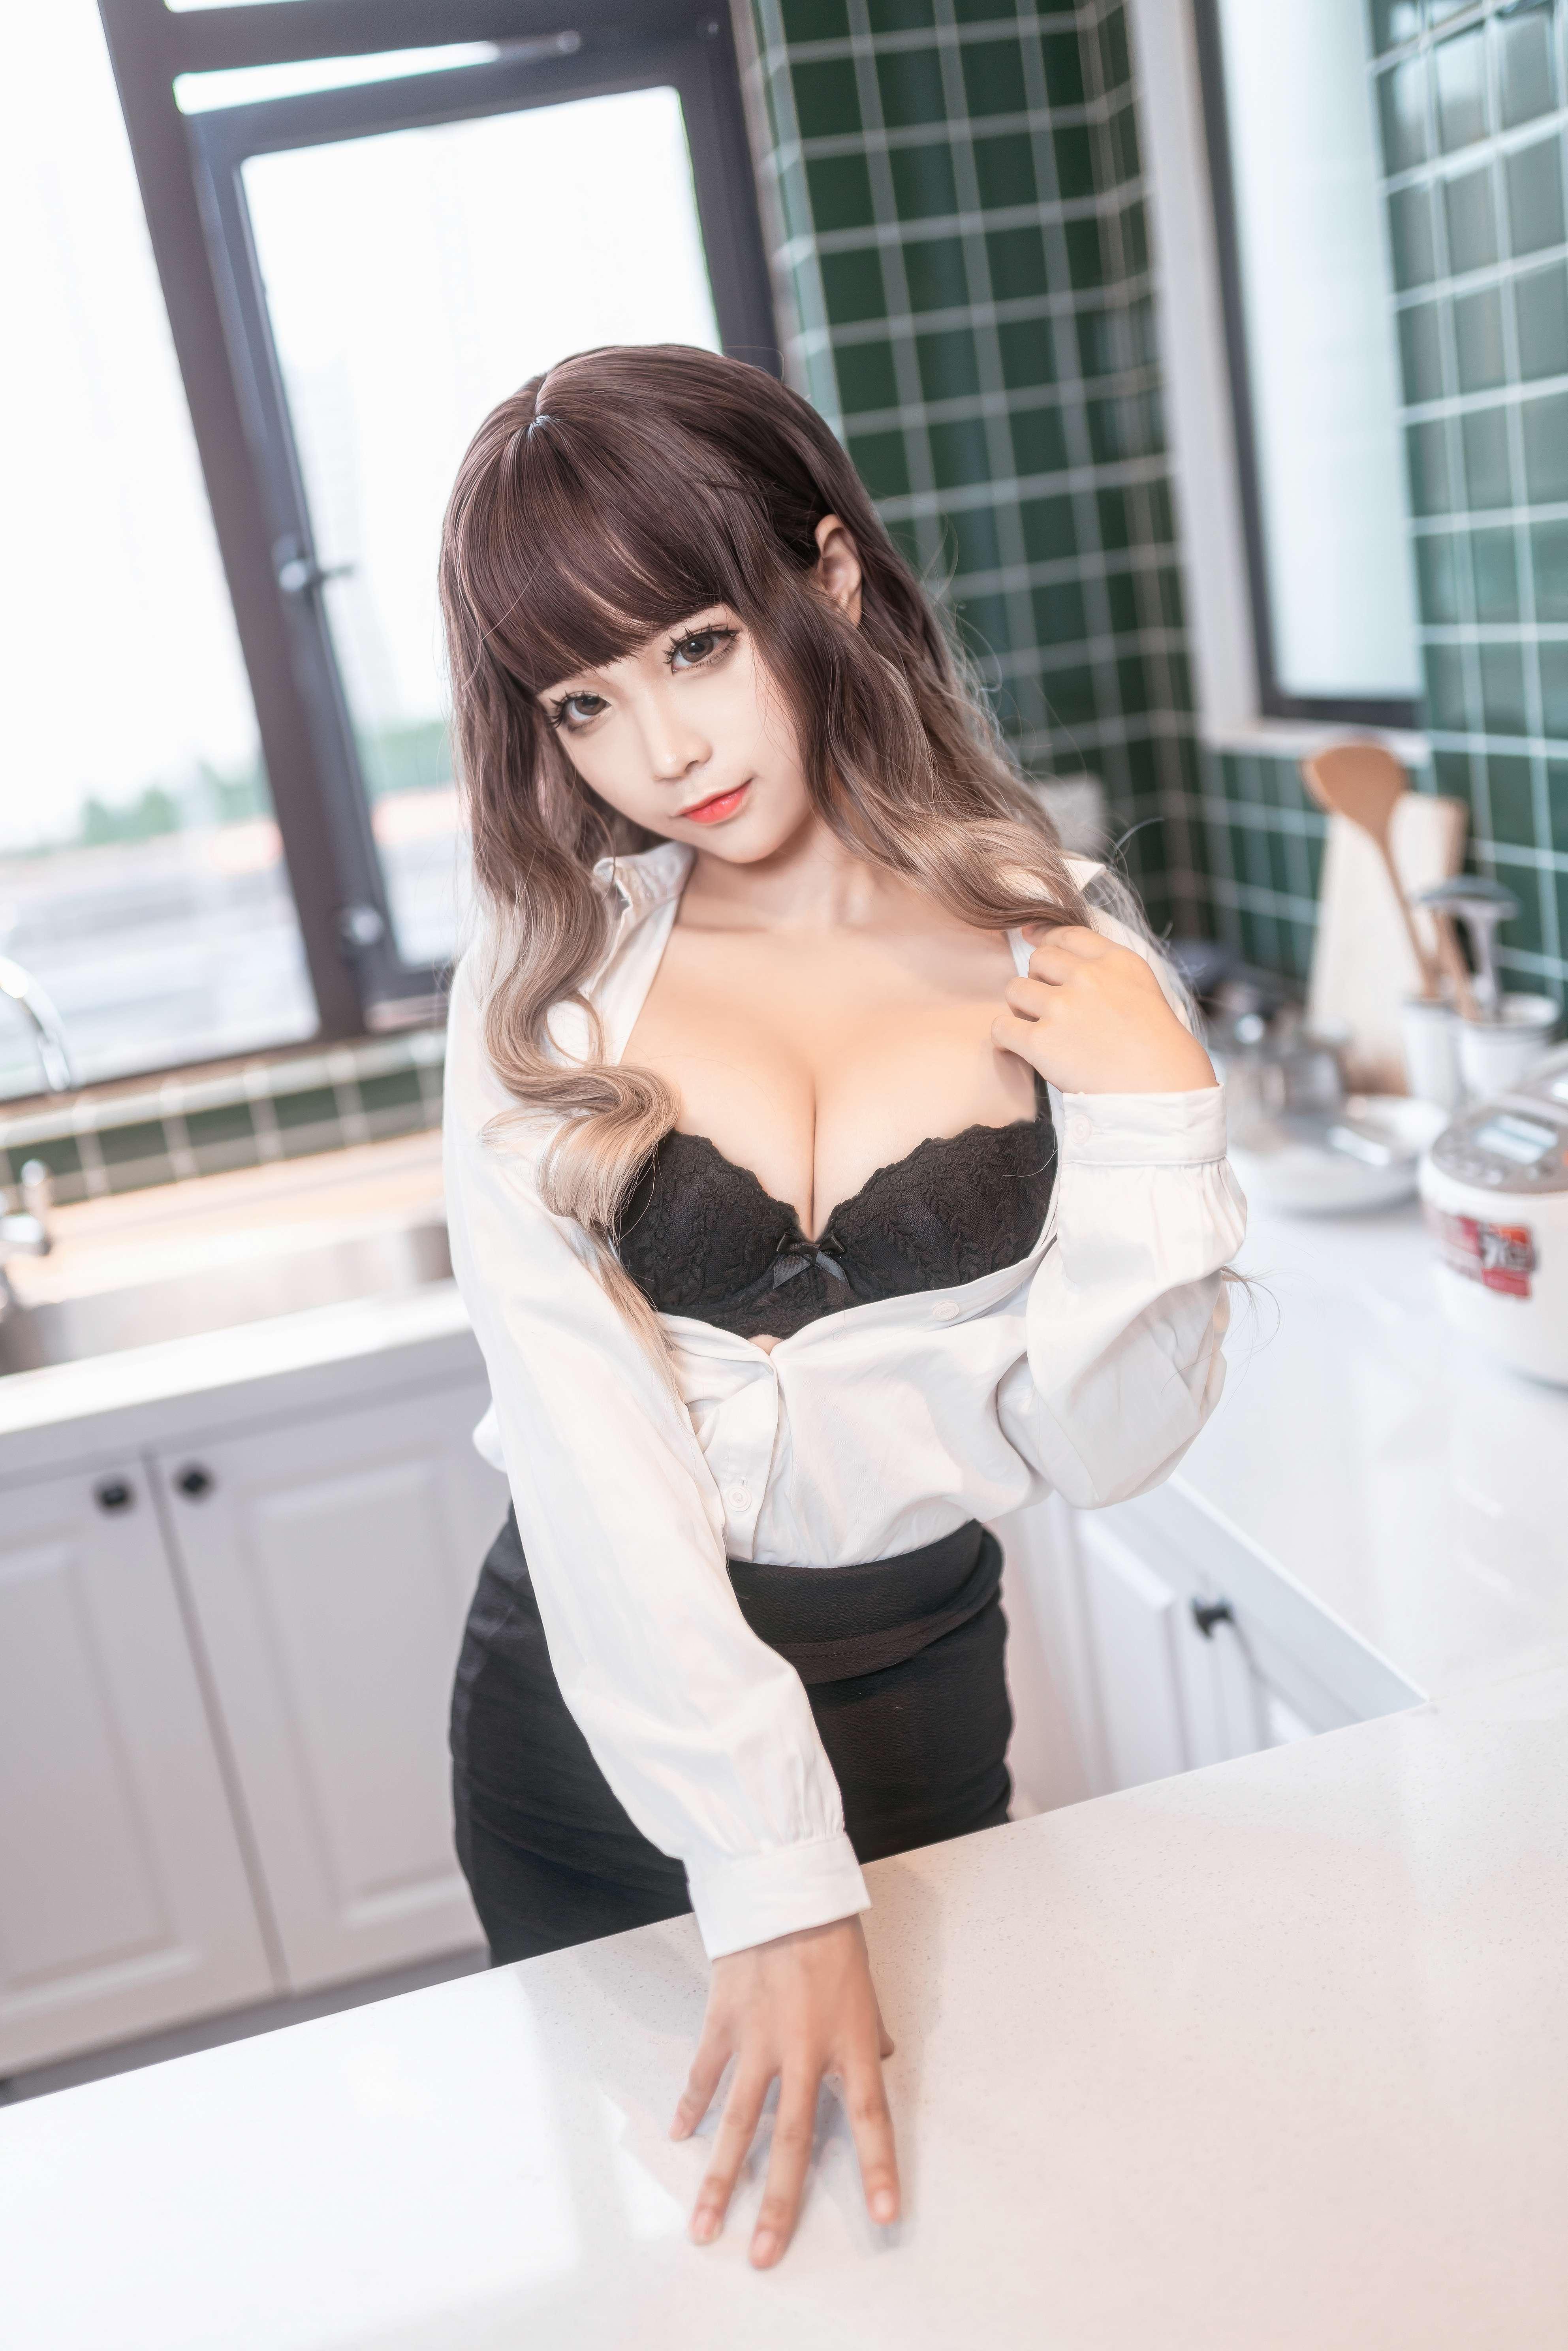 蠢沫沫办公室OL制服写真,这样的秘书你不想要吗